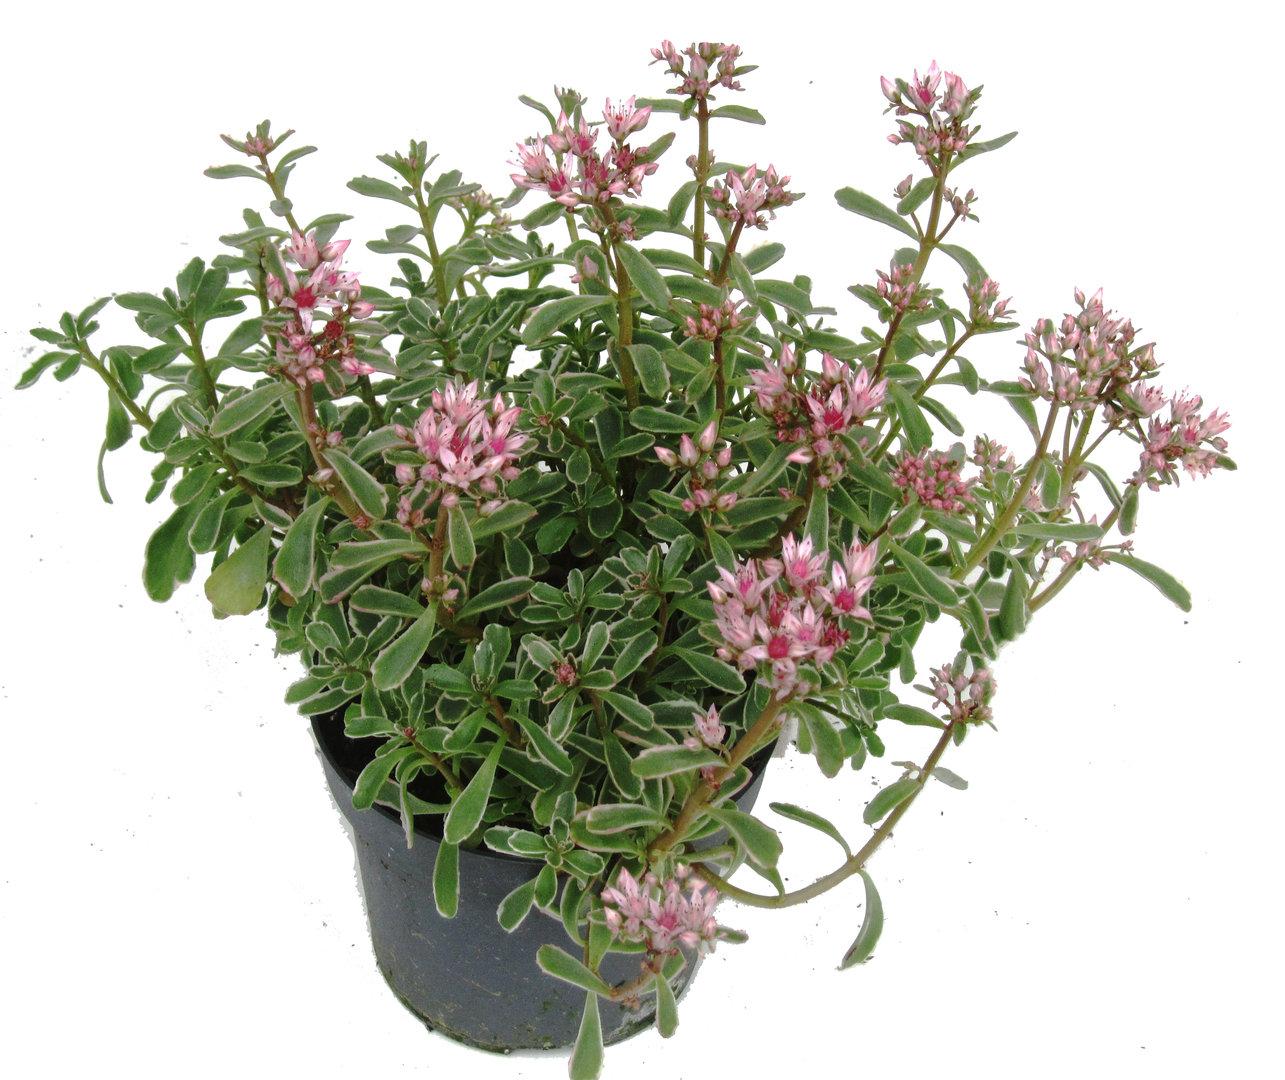 Sedum spurium tricolor dreifarbige fetthenne pflanzen for Versand zimmerpflanzen